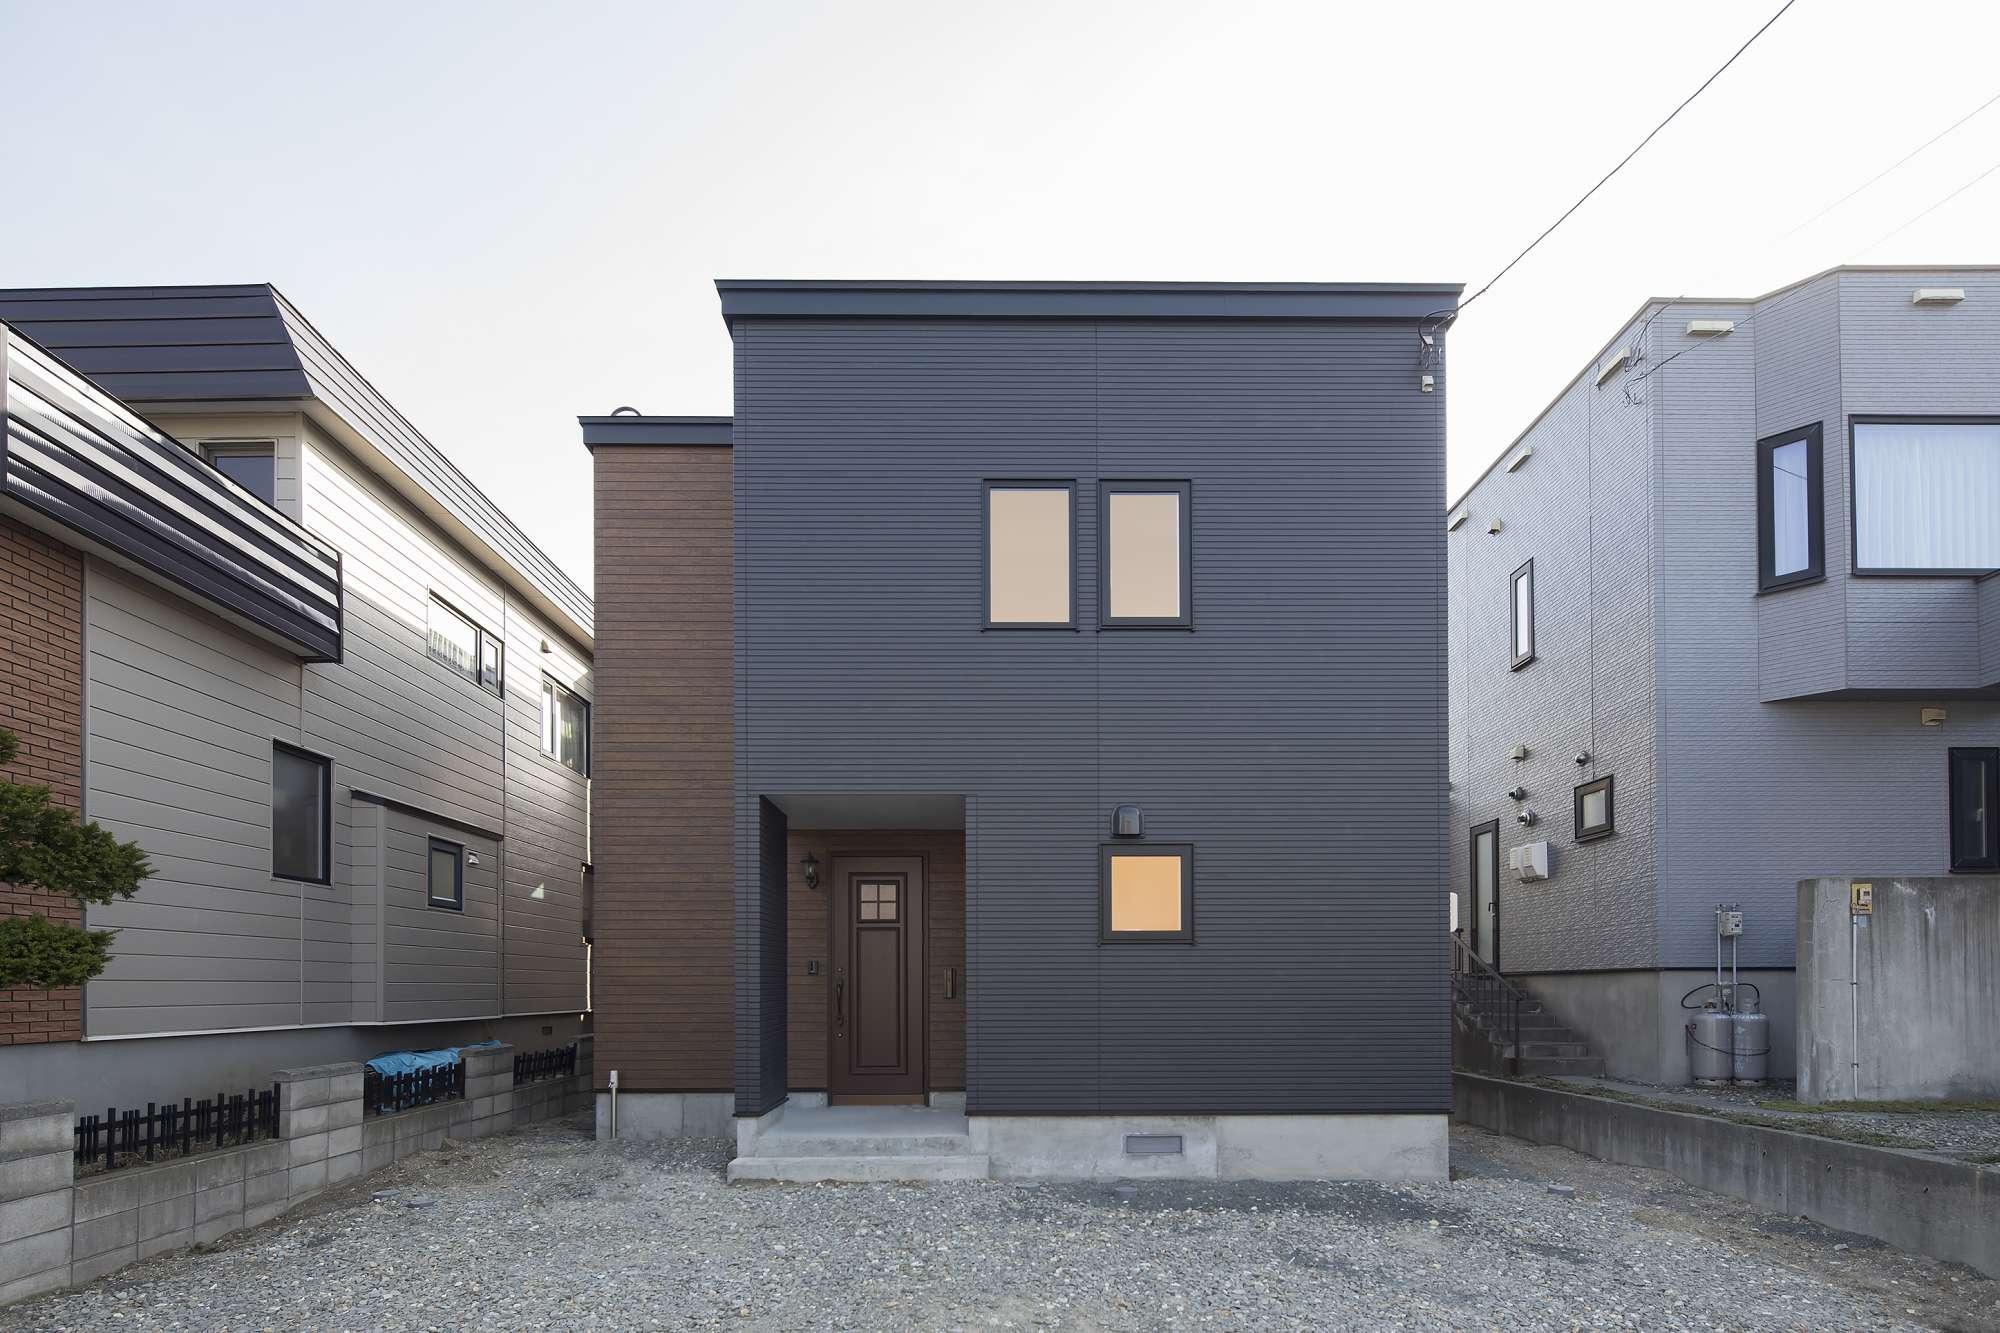 外観 - Yさまの感想建築中に何度も見にいったのですが「すみませんお仕事の邪魔ですよね?」と棟梁に声をかけると、「いえいえ子ども達をどんどん連れてきてください。笑い声やその家に住む人の気配を木も感じるんです。いい家になりますよ」と。素敵なハナシだなーと思いましたね。楽しかったのは間取図を自分たちで考えたこと。アイルホームさんにプロのアドバイスをもらいながら「この方が日当たりがもっとよくなりますよ」「ここは広いと後々便利ですよ」「デッドスペースはもったいなから収納に」など提案がたくさんありました。またモデルハウスで子どもが迷惑をかけた時に、担当の清野さんが全く気にしない様子で接してくれたこともアイルホームさんに決めた理由の1つです。任せられるいい営業さんに出会えました。アフターもよろしくお願いします。 -  -